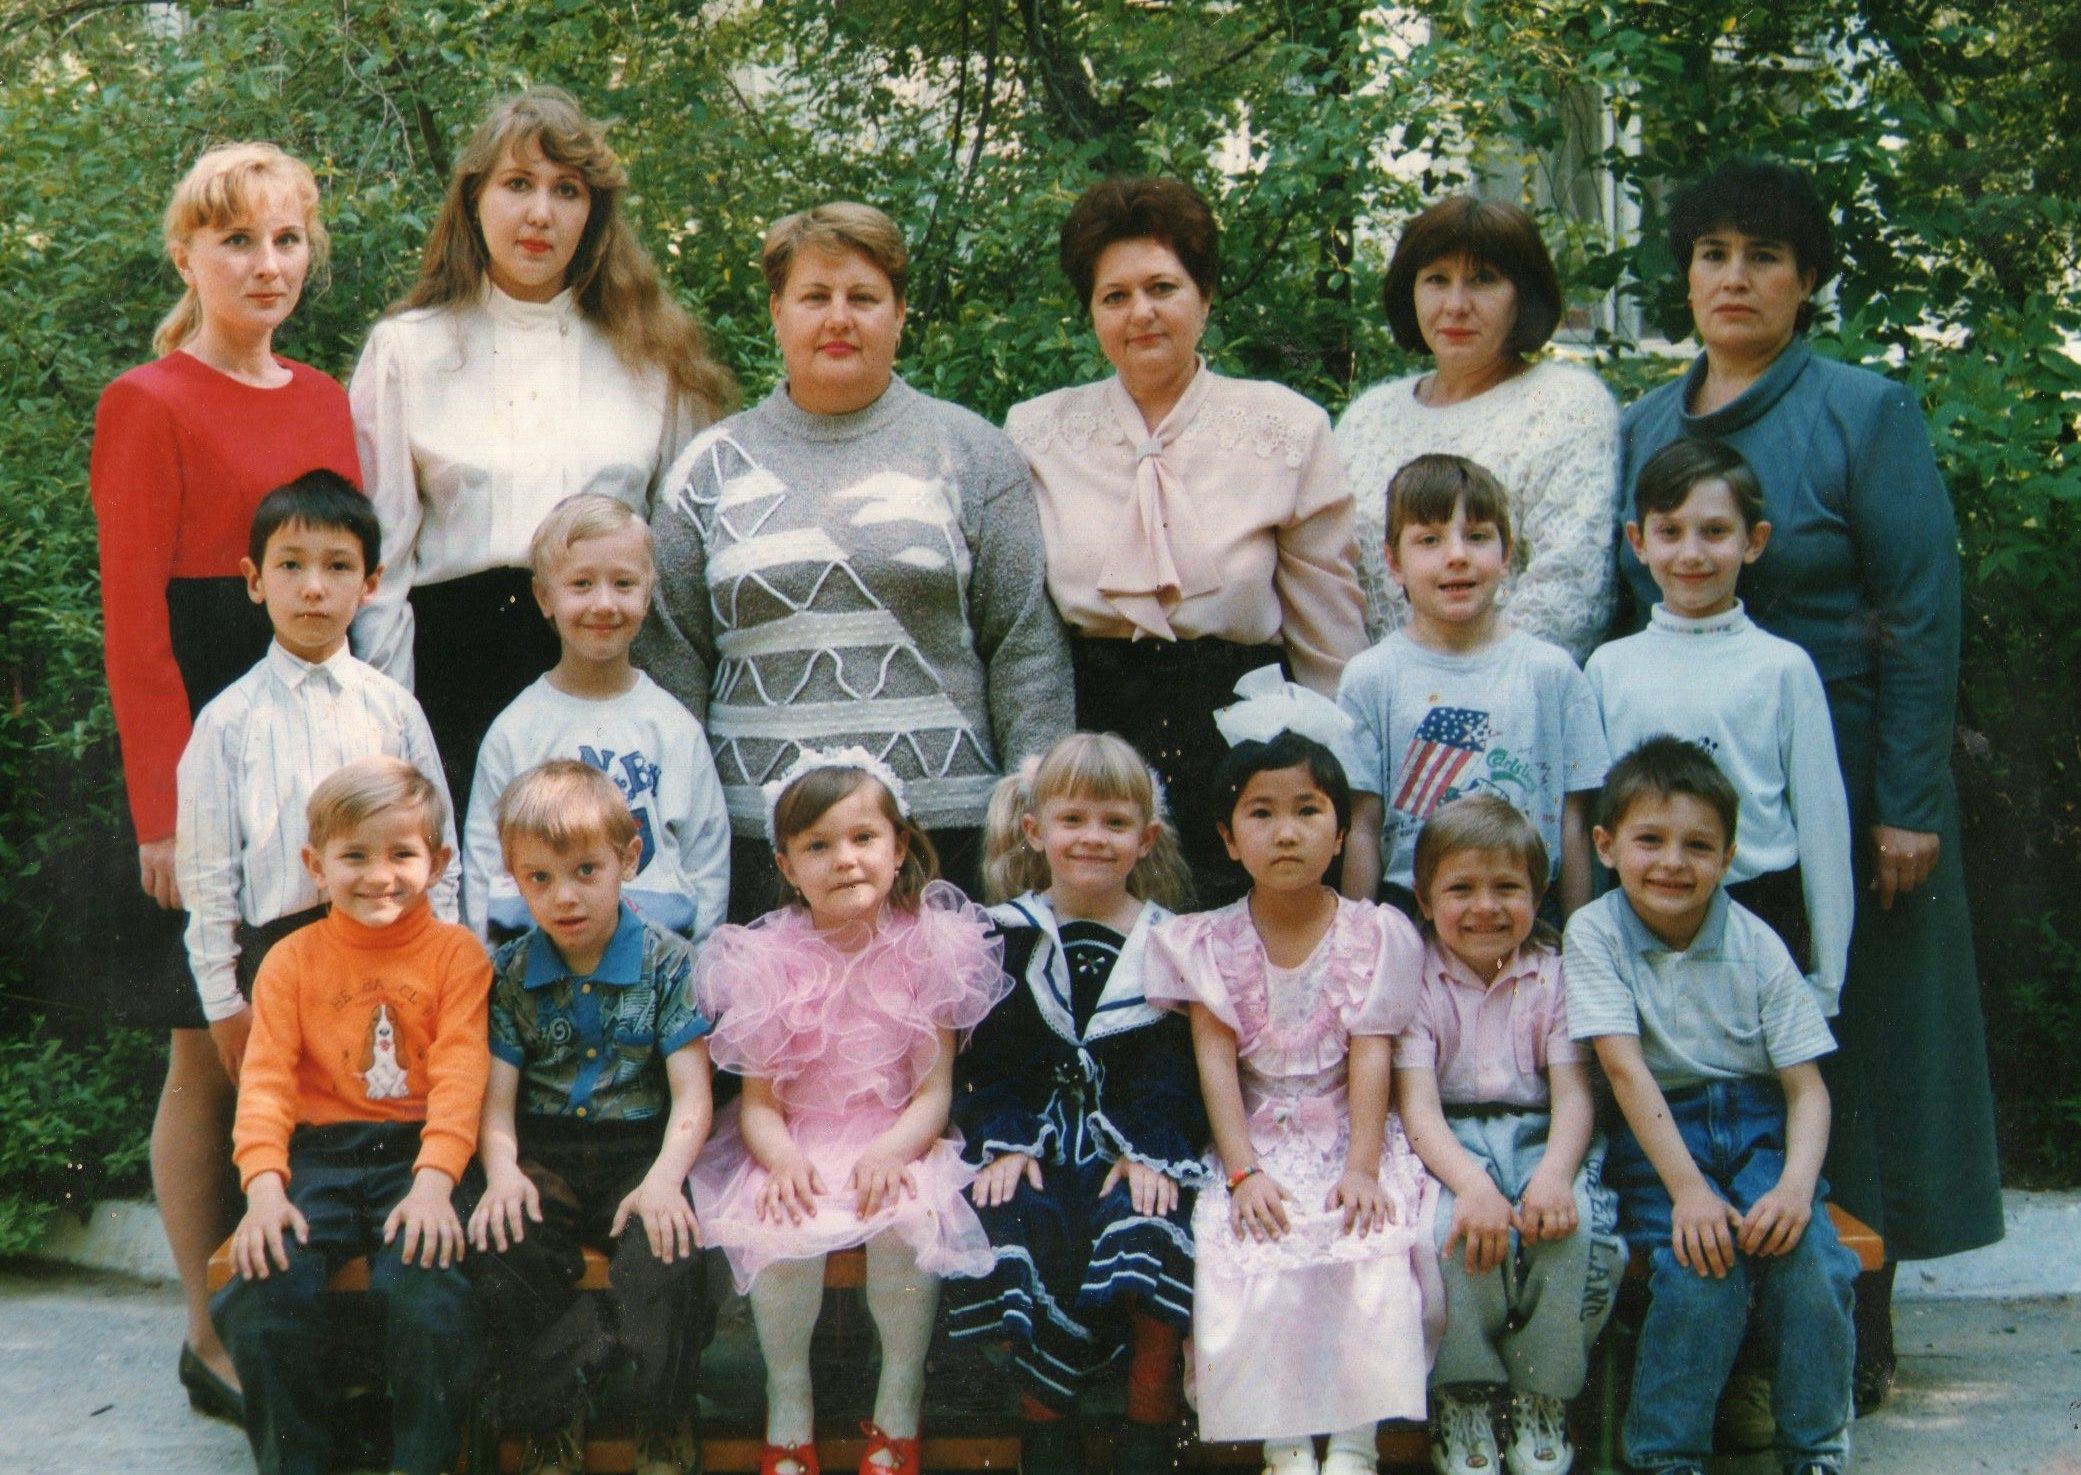 Ищу одногруппников по детскому саду находится в 16 микрорайоне, воспитывались примерно 1996-1997 годах.